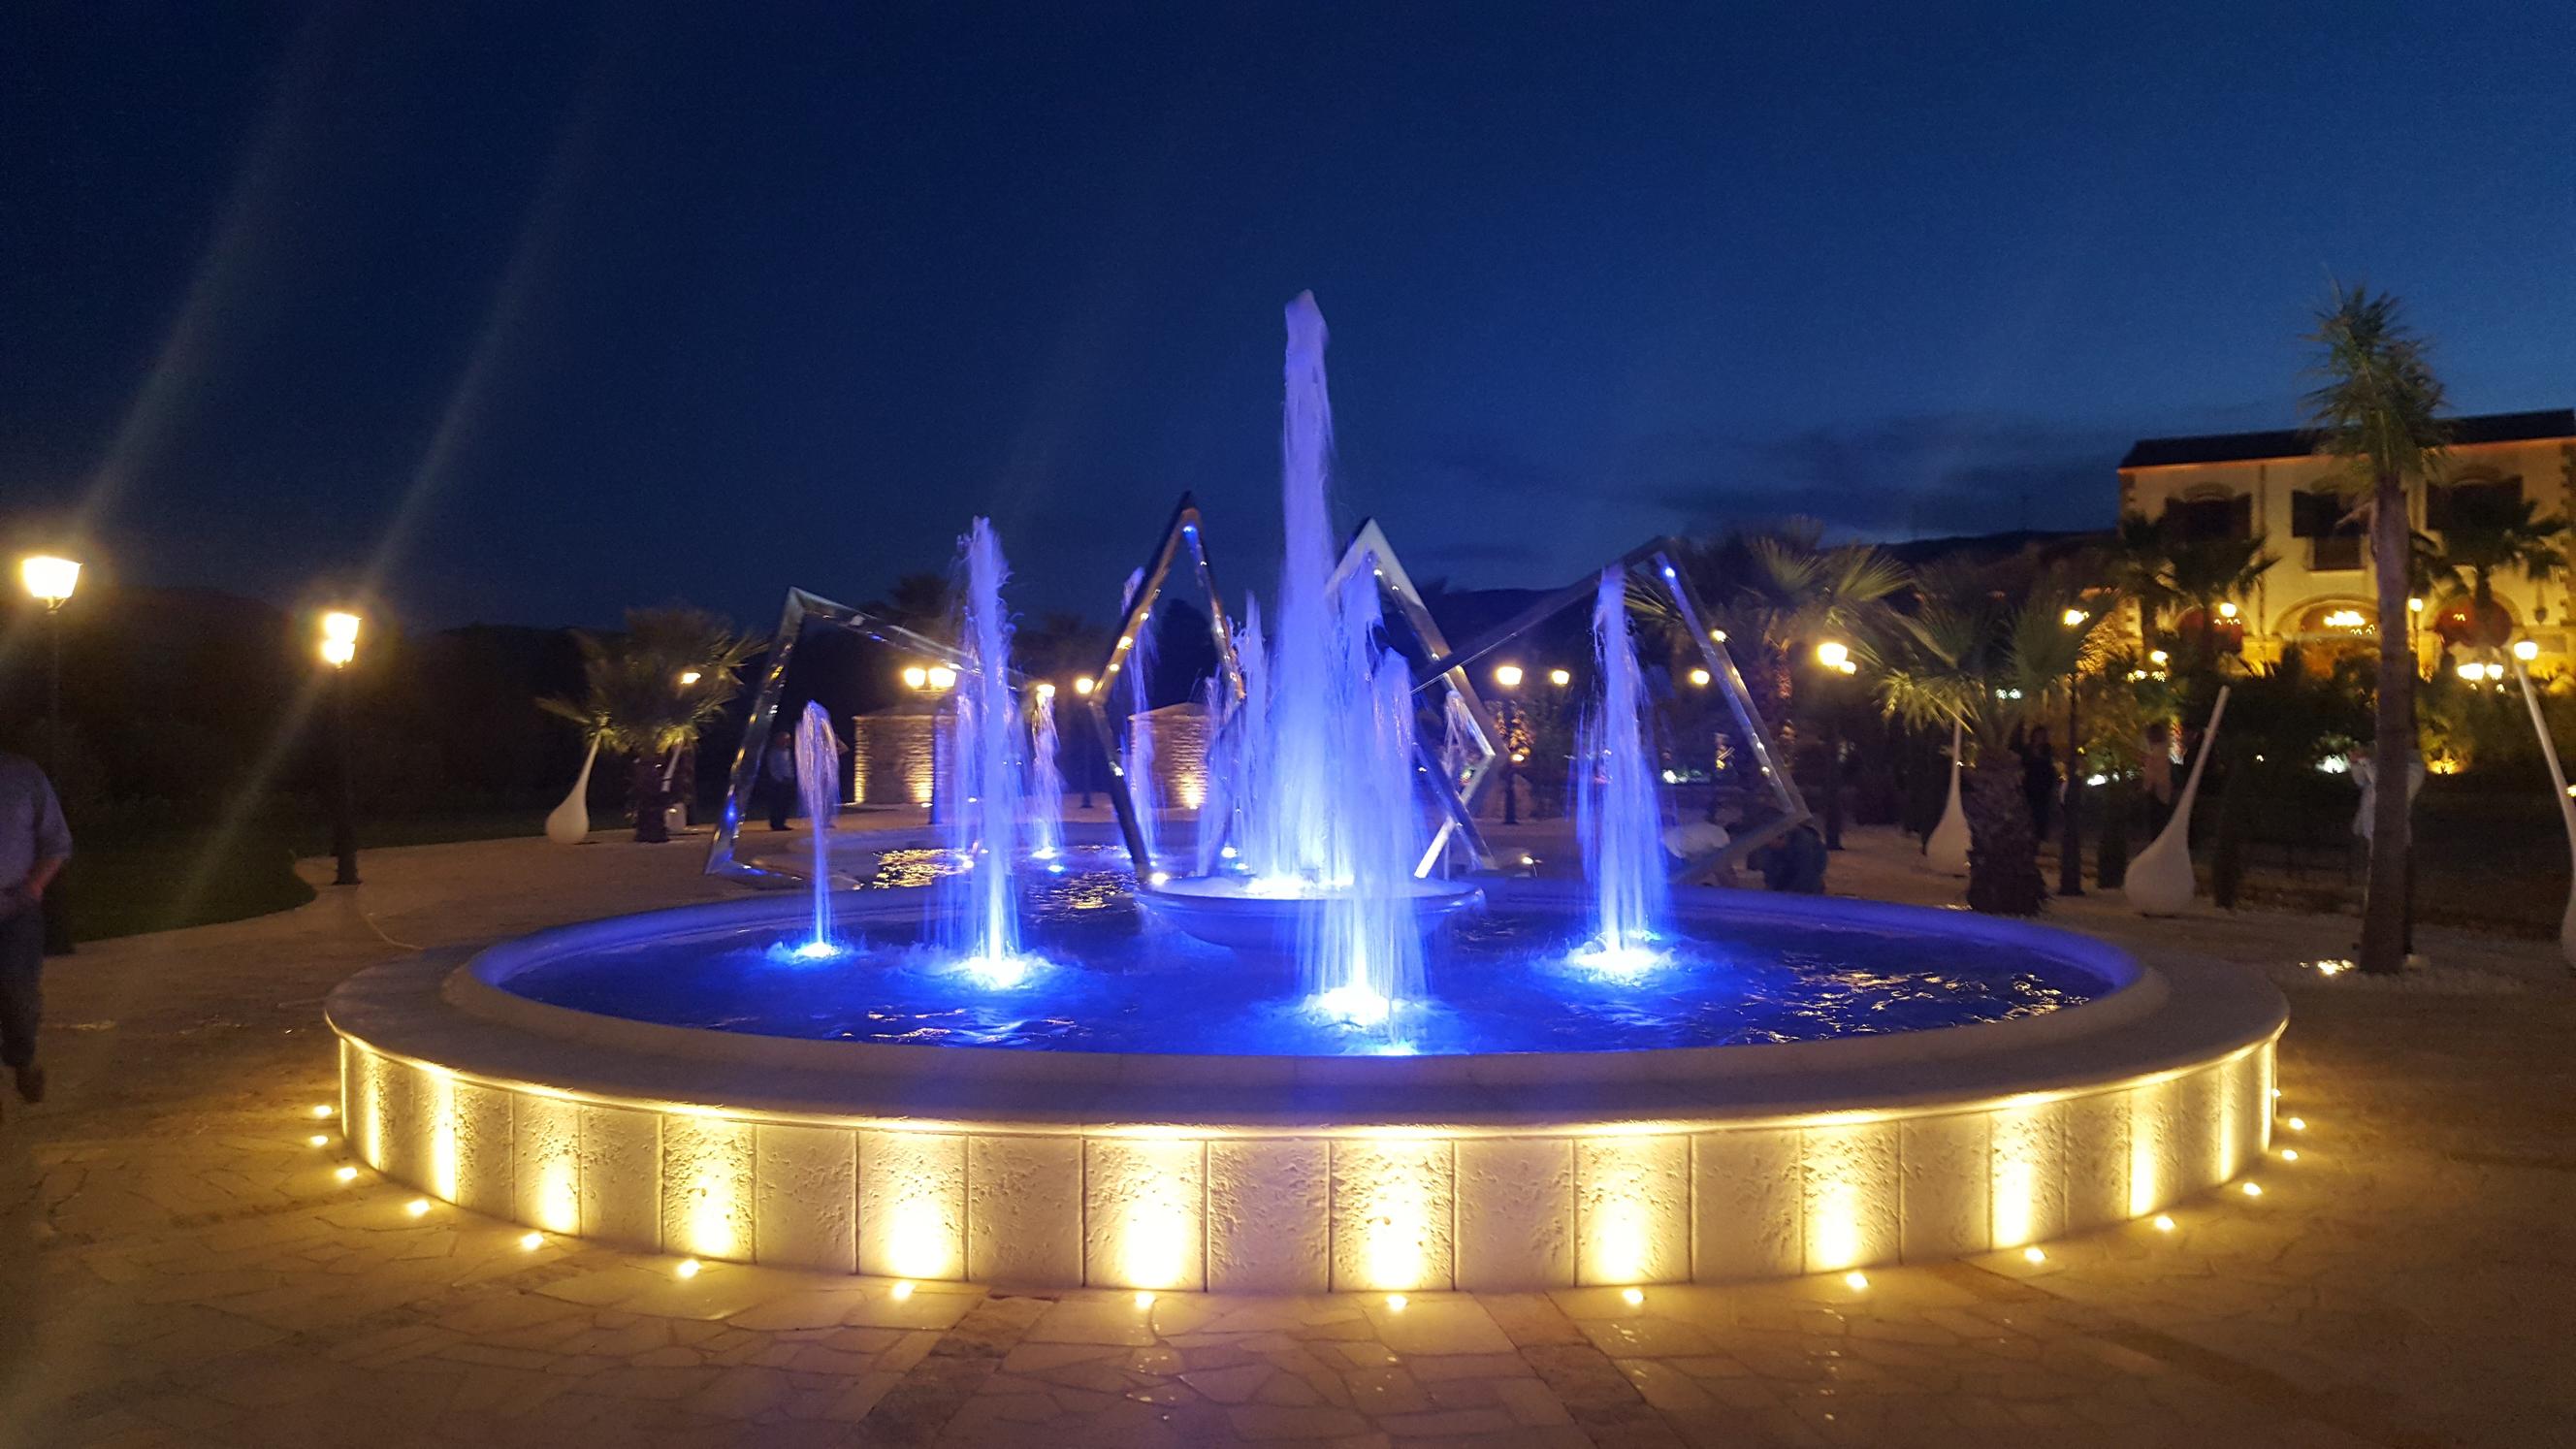 Fari led rgb luci per illuminazione piscine fontane giardini